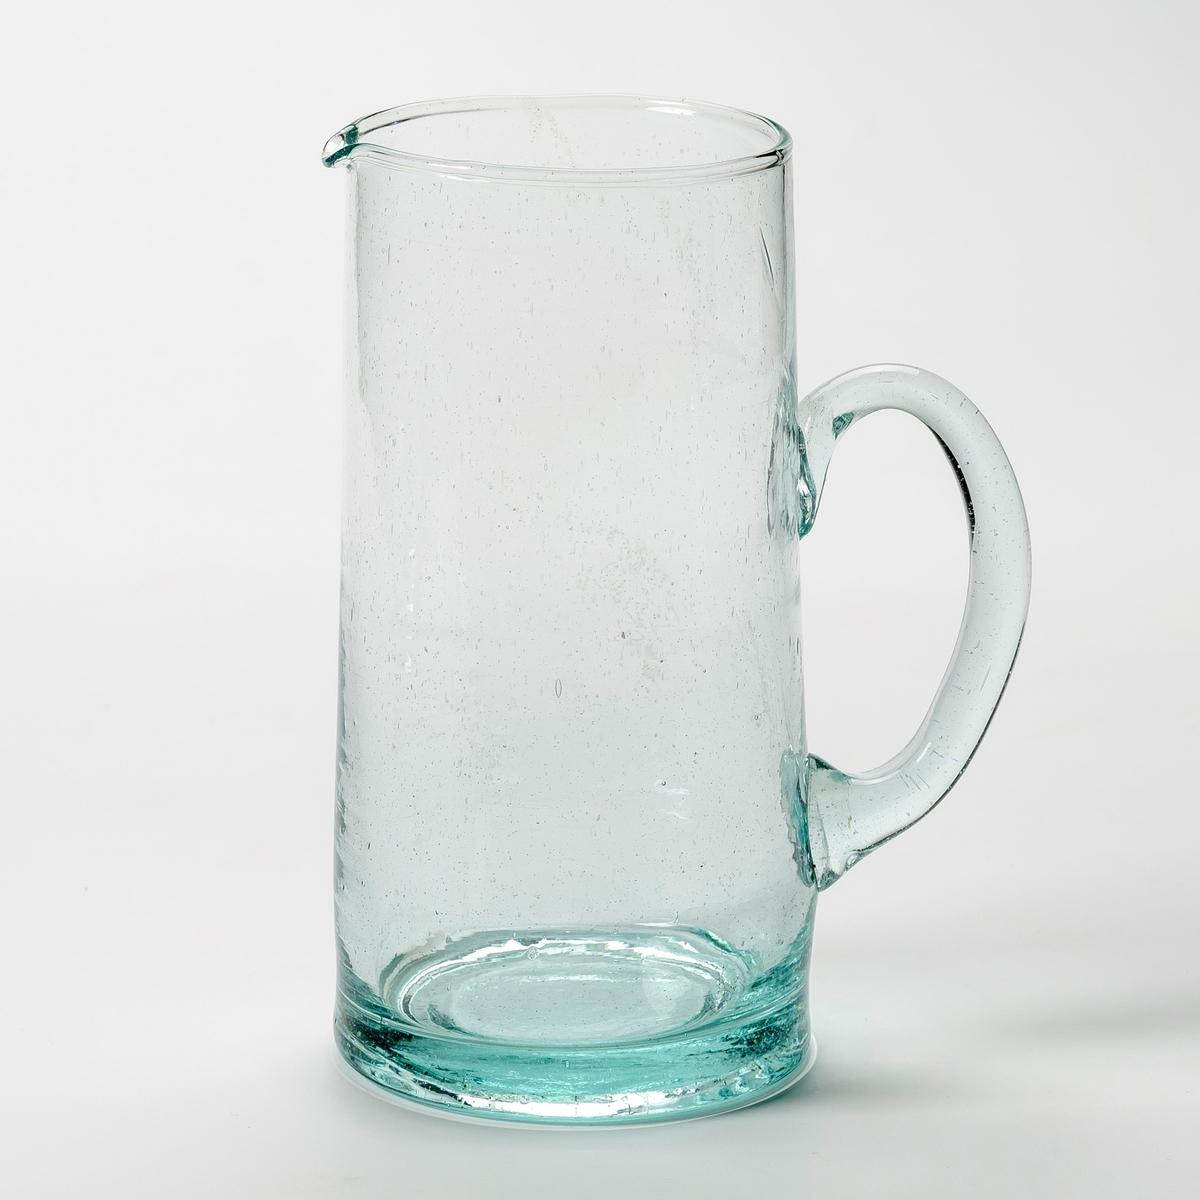 Графин Gimani<br><br>Цвет: стеклянный прозрачный<br>Размер: единый размер